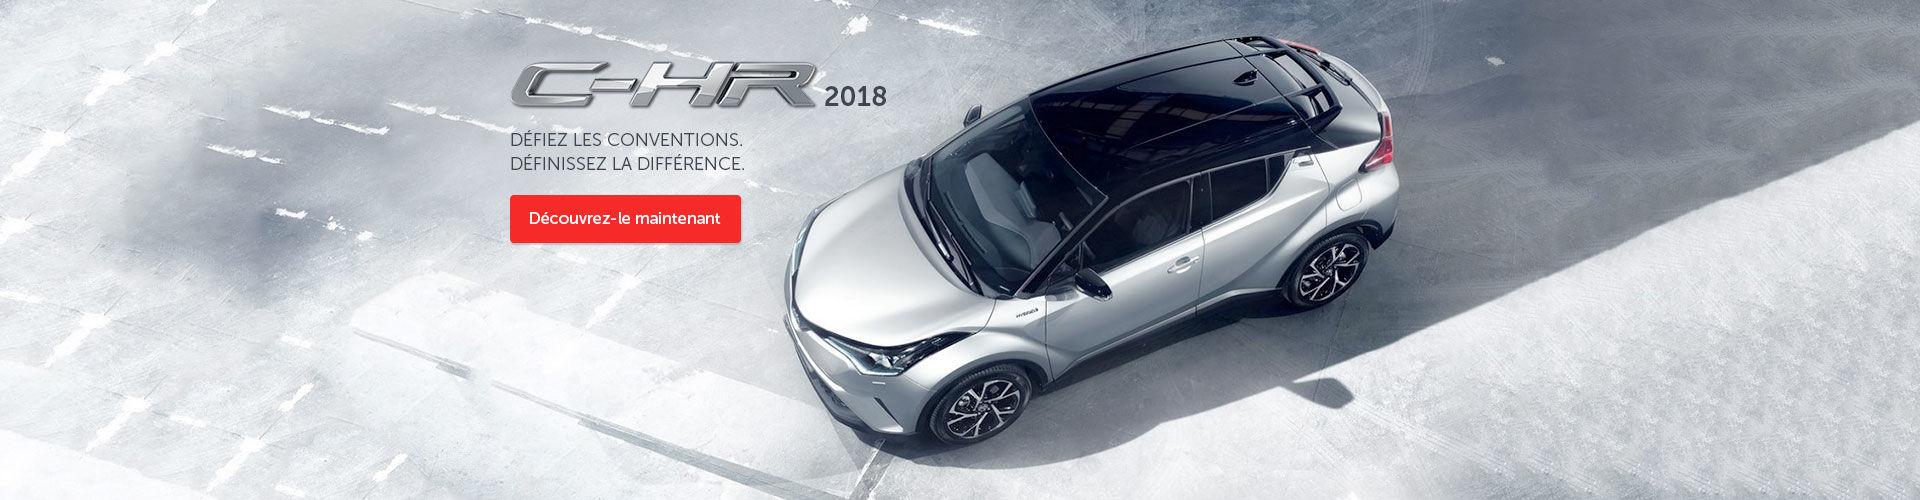 CH-R 2018